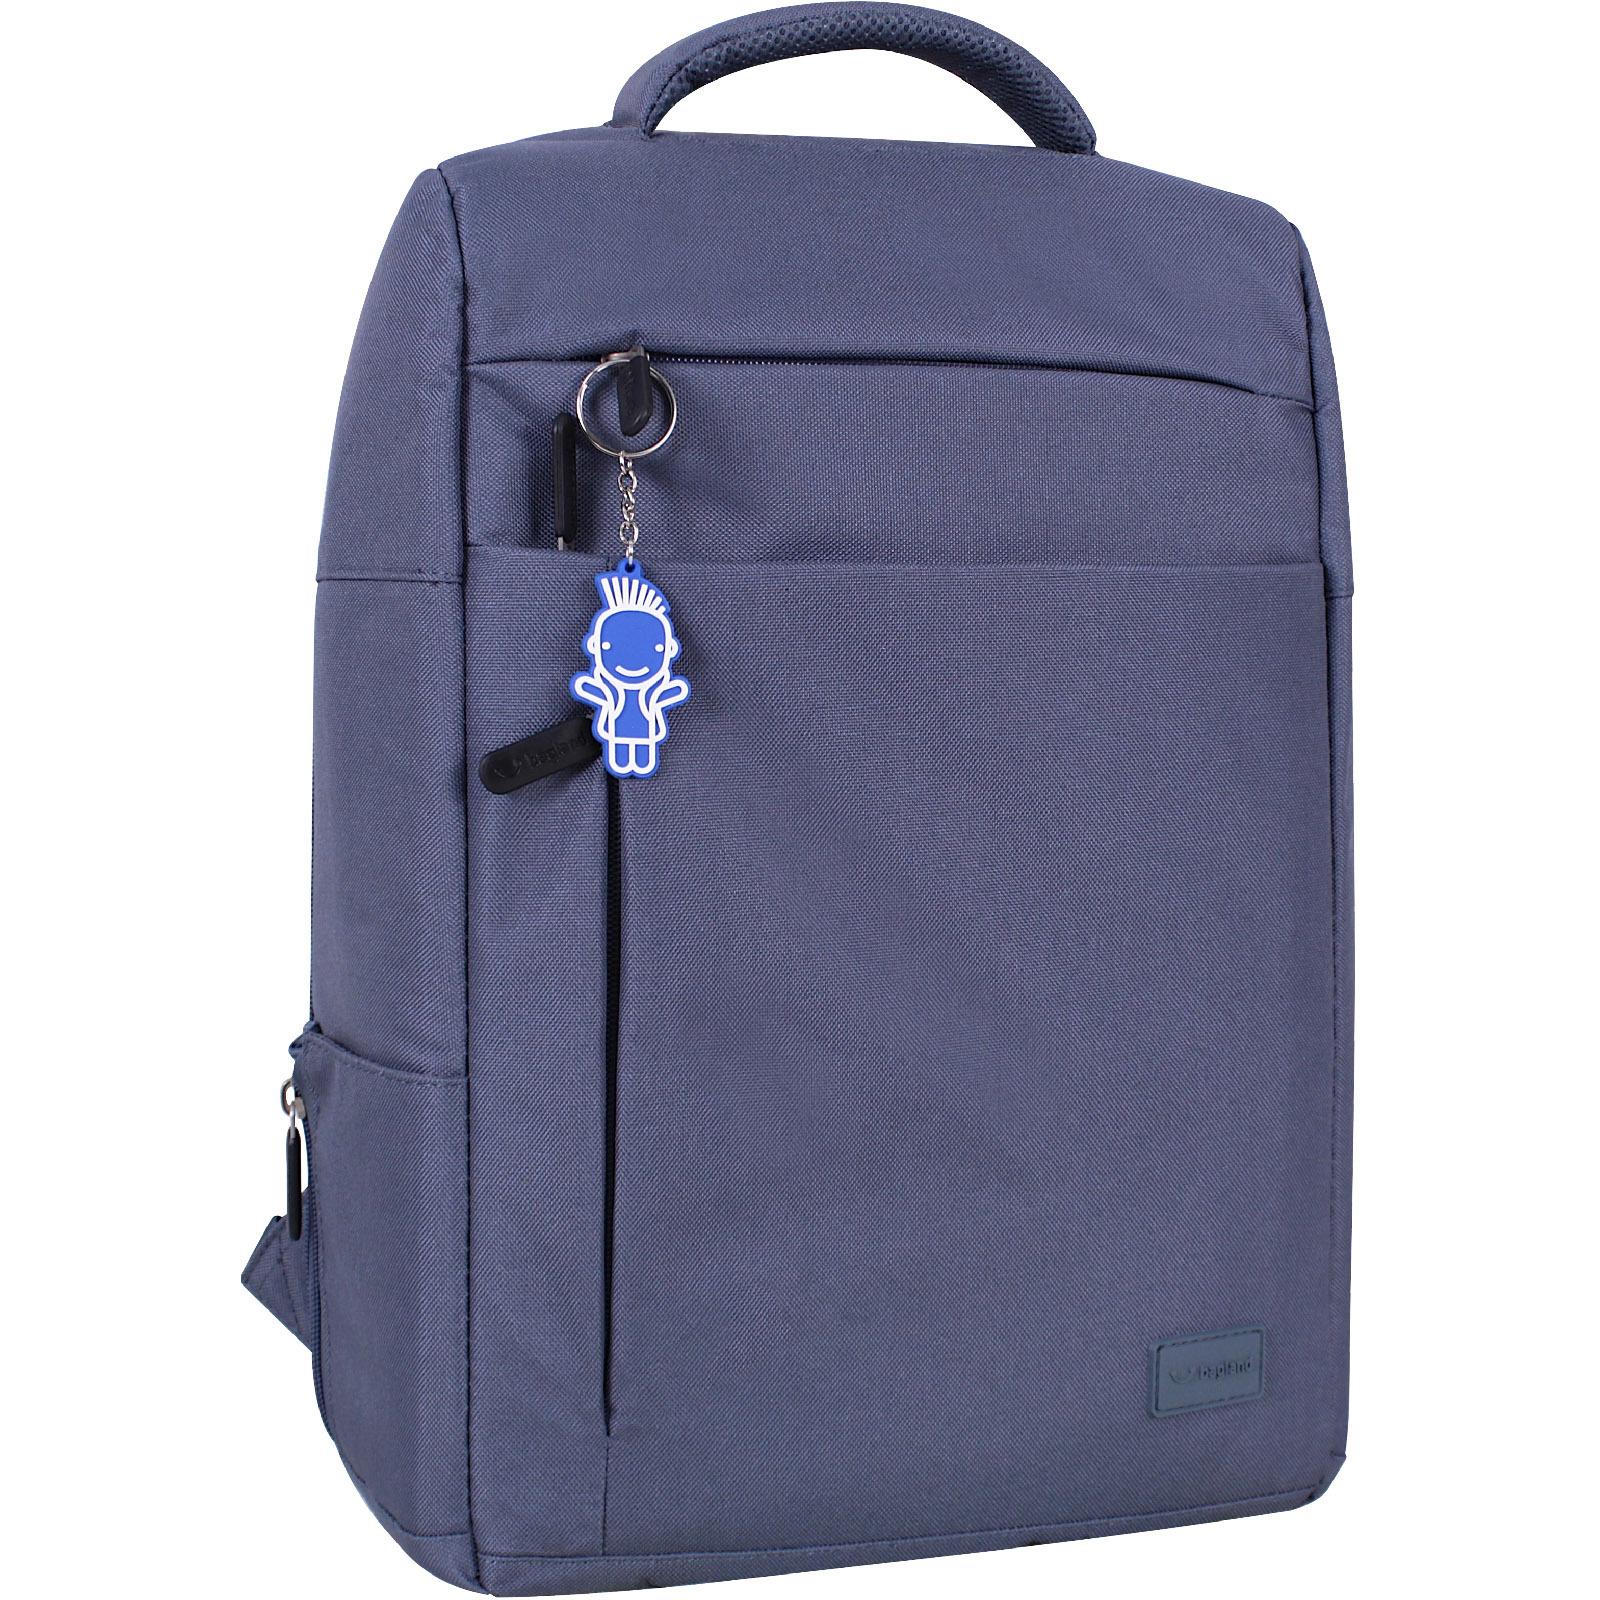 Мужские рюкзаки Рюкзак Bagland Волнорез 20 л. серый (0013866) IMG_0244.jpg